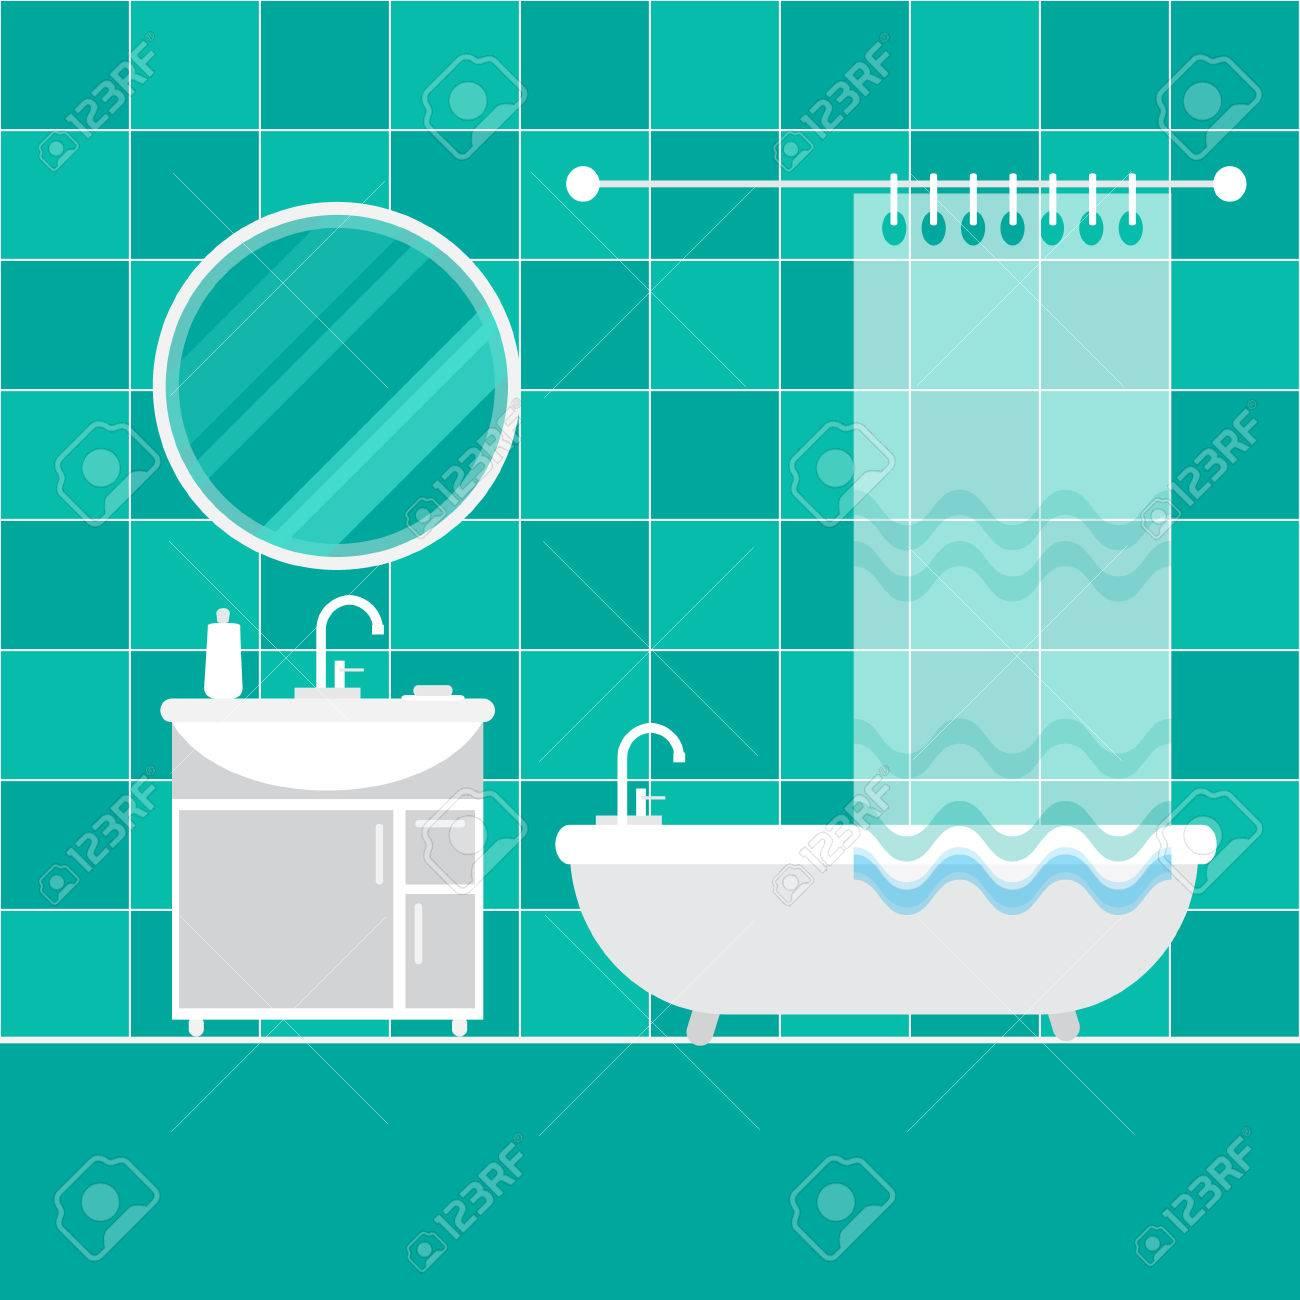 badezimmer unter. möbel. startseite inter objekte - bad, spiegel, Hause ideen